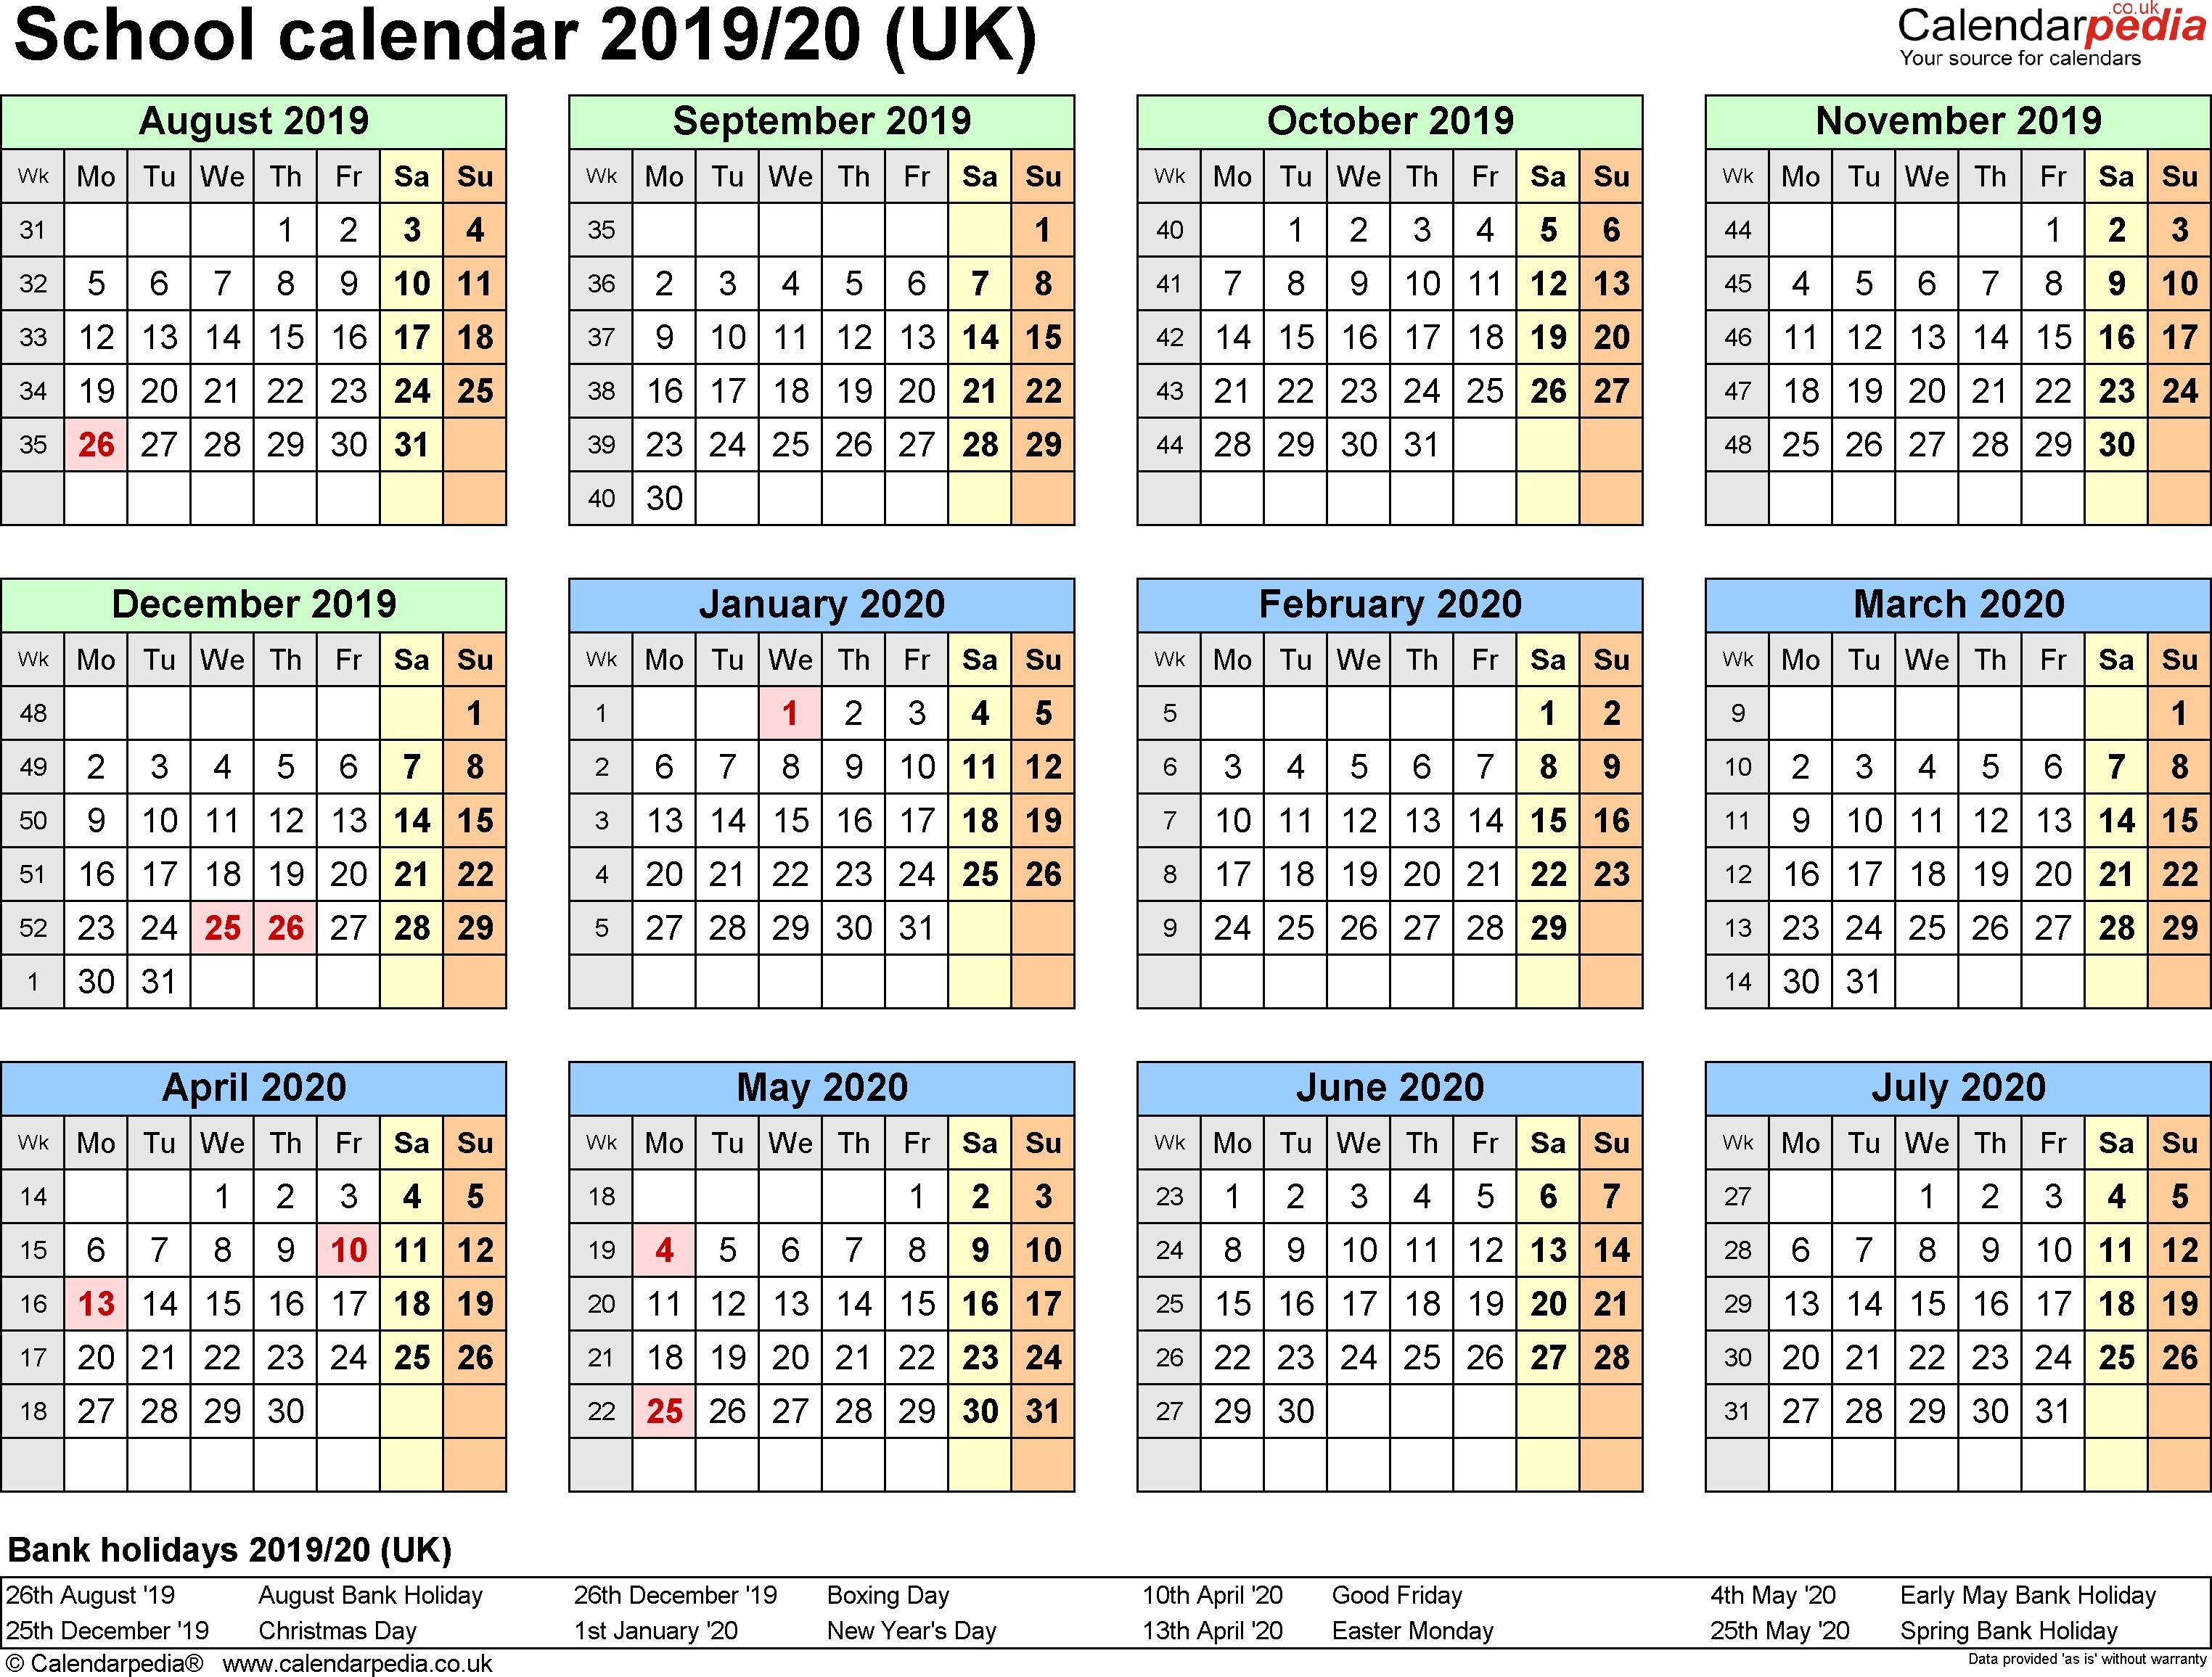 March Calendar Canada Más Recientes Calendar 2019 Holidays India Of March Calendar Canada Más Recientes Flowers March 2019 Desktop Calendar March March2019